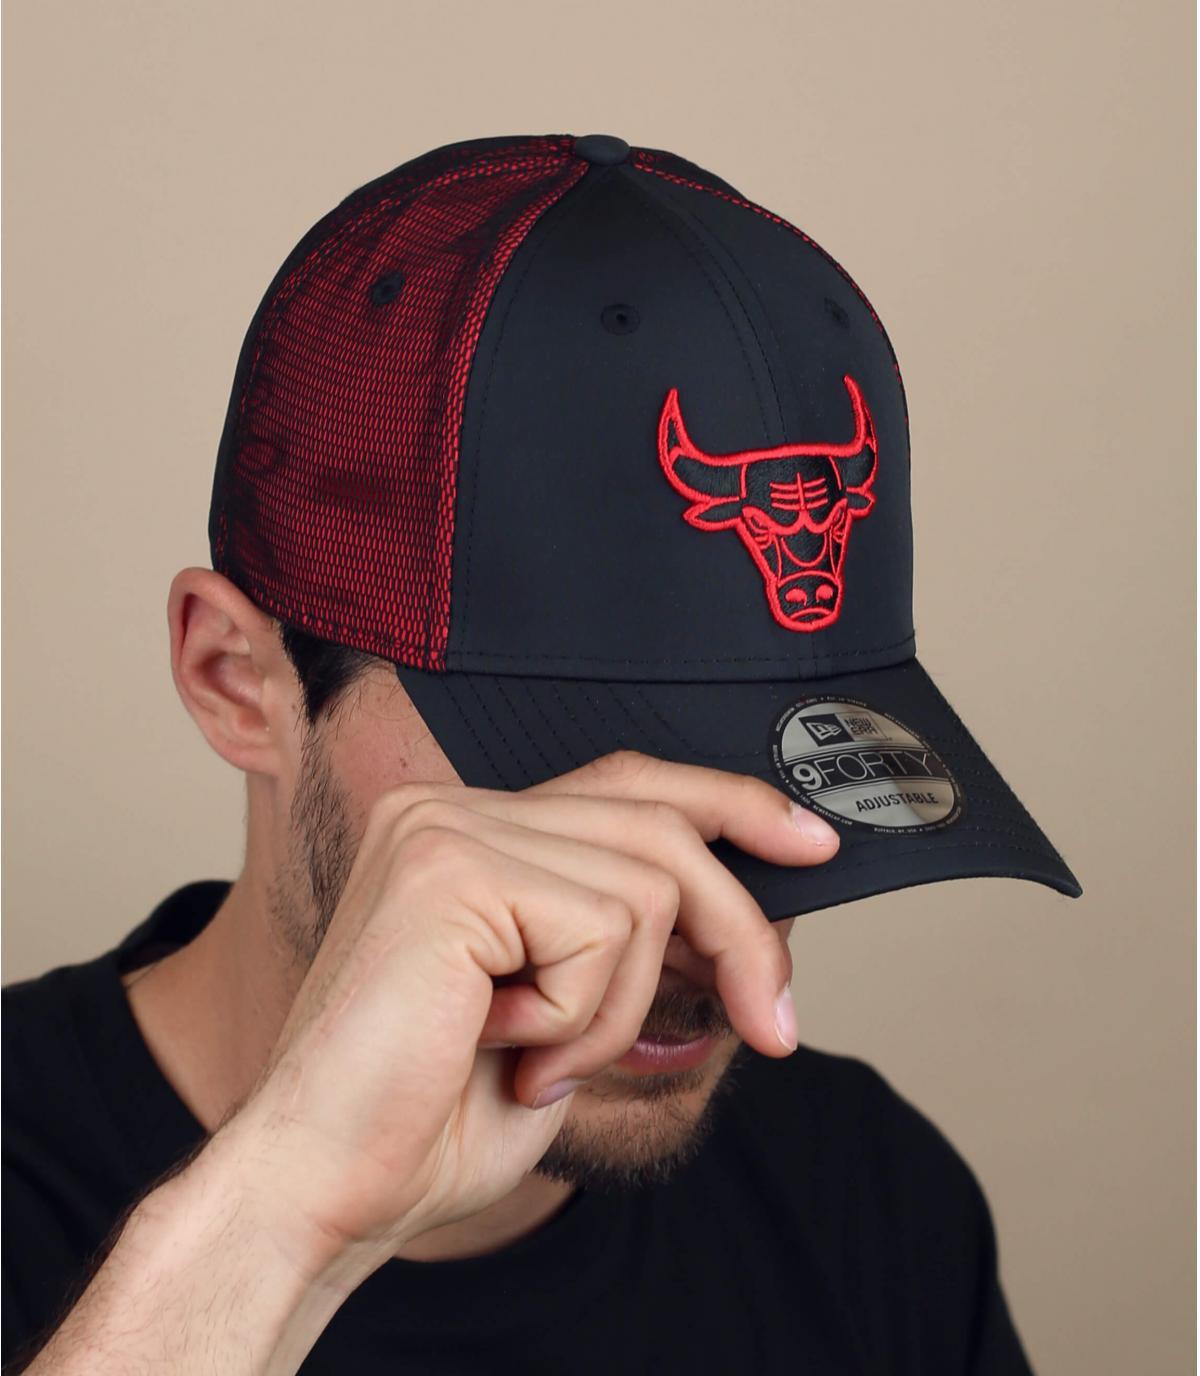 Cappellino Bulls nero e rosso